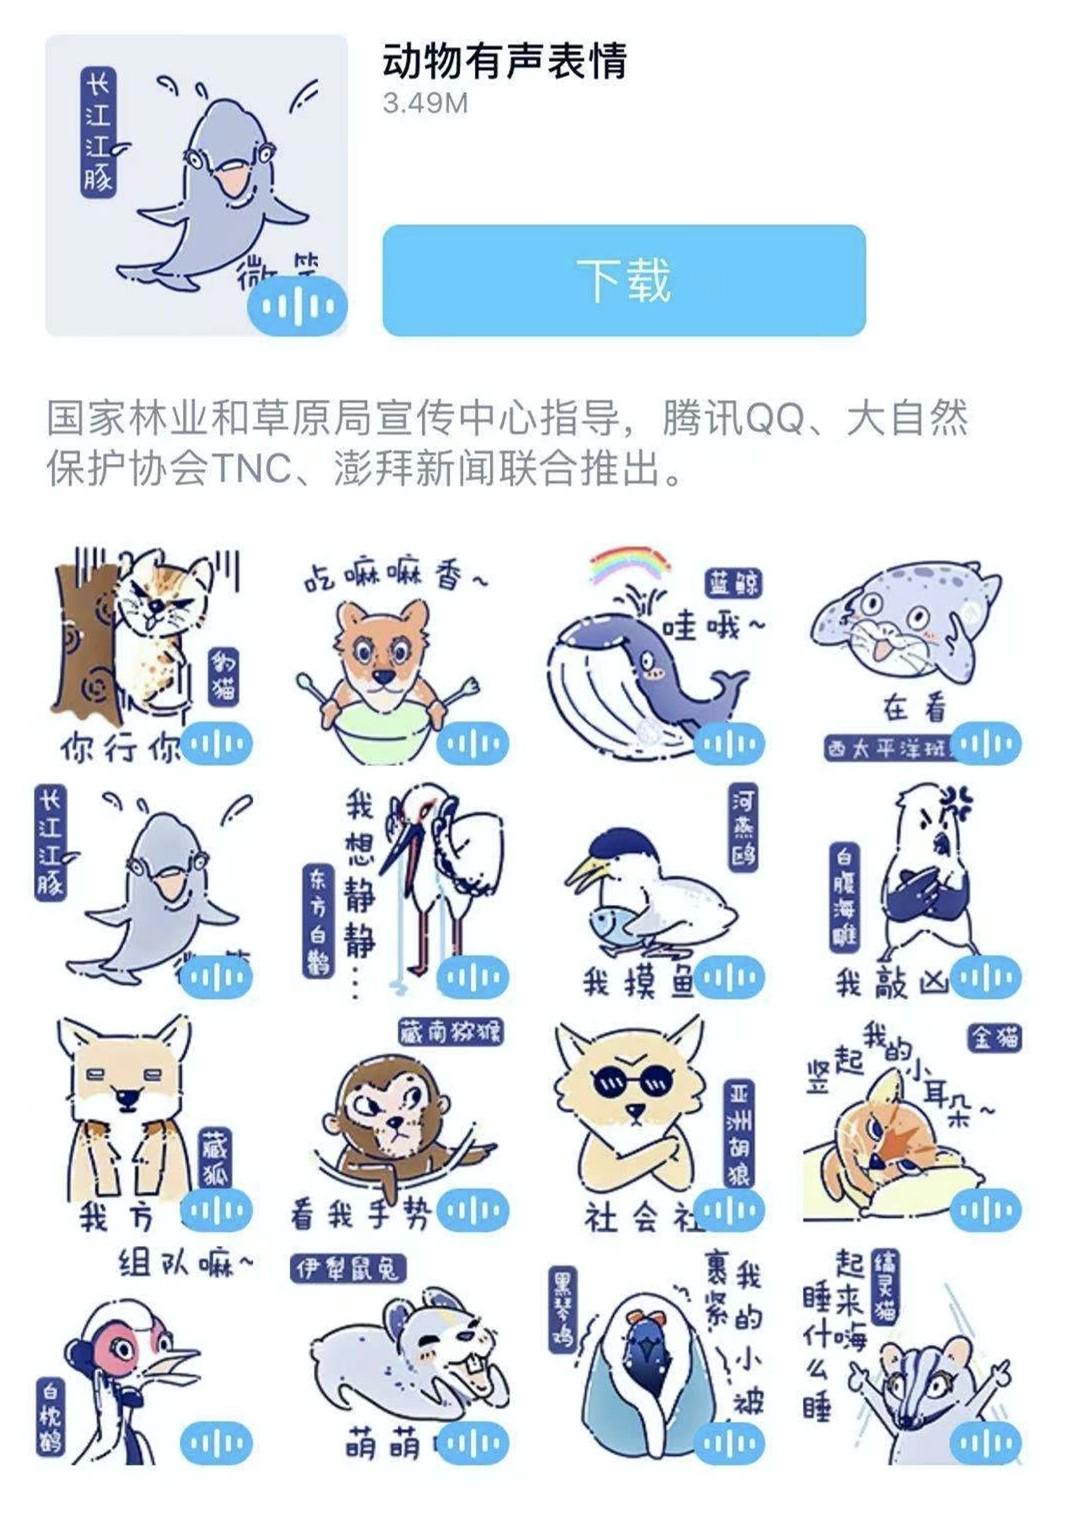 星耀娱乐平台注册:聆听地球之声,澎湃新闻联合腾讯QQ、TNC创新动物科普